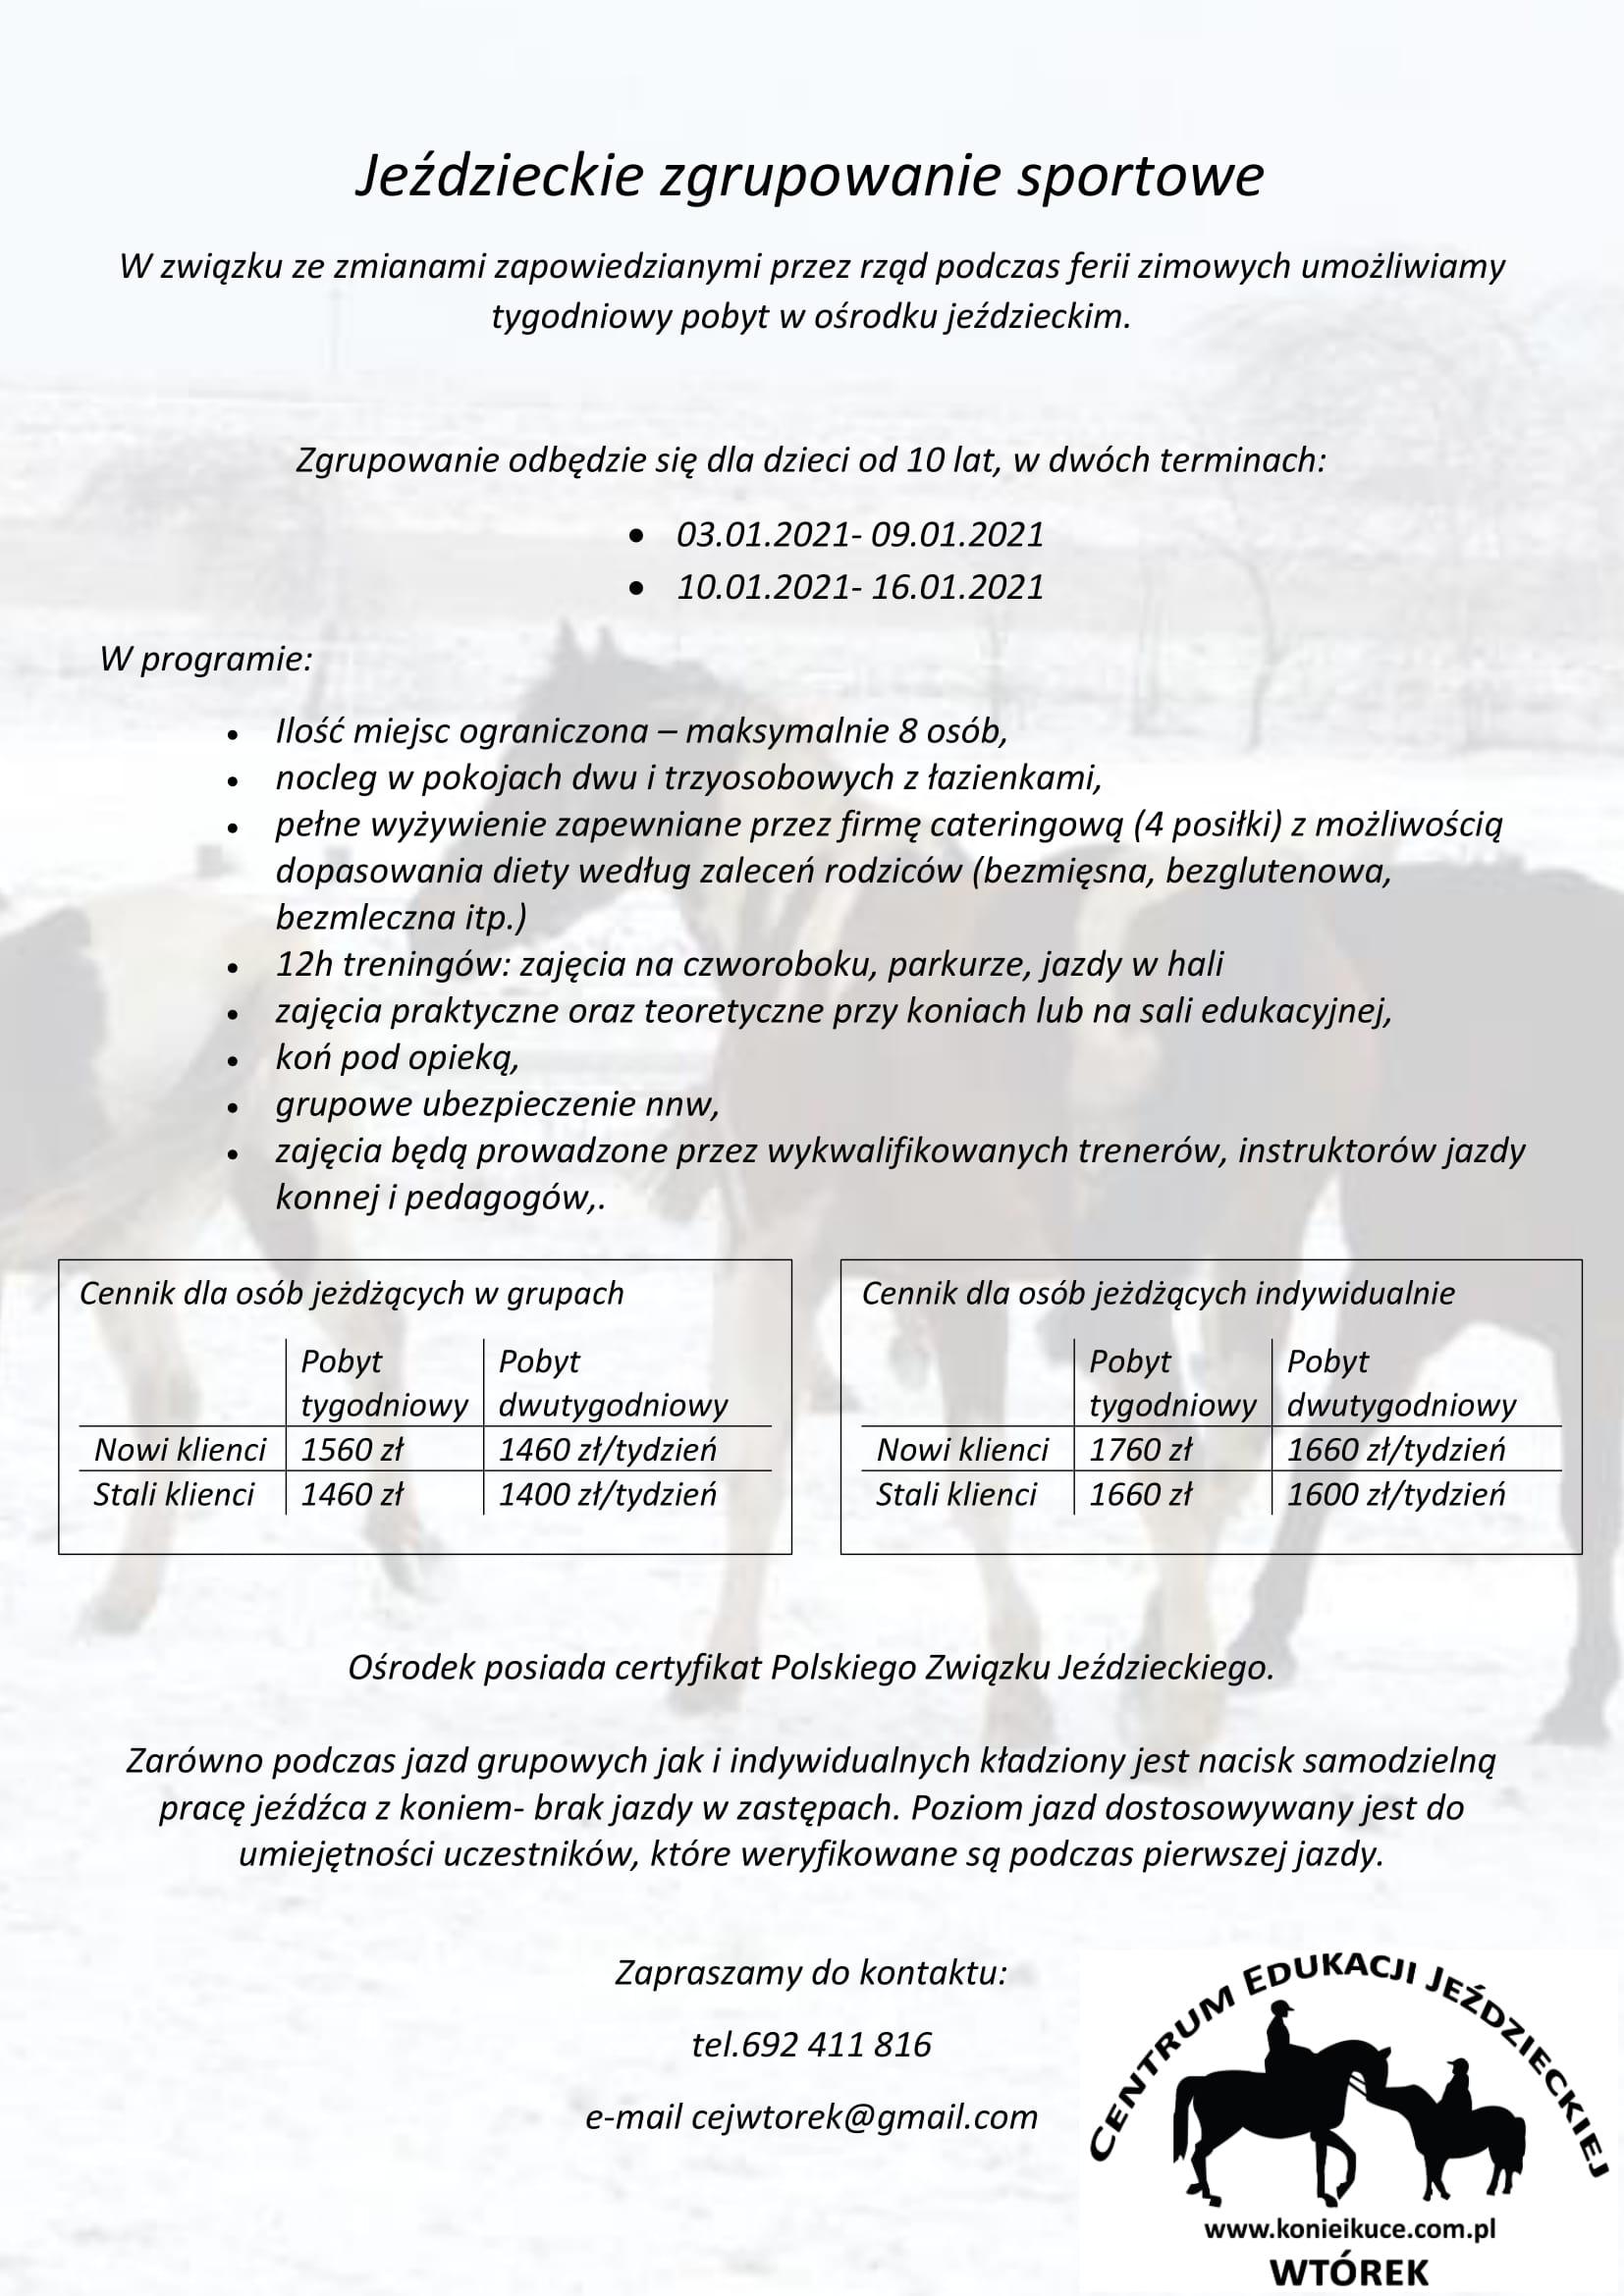 Jeździeckie zgrupowanie sportowe poprawione-1